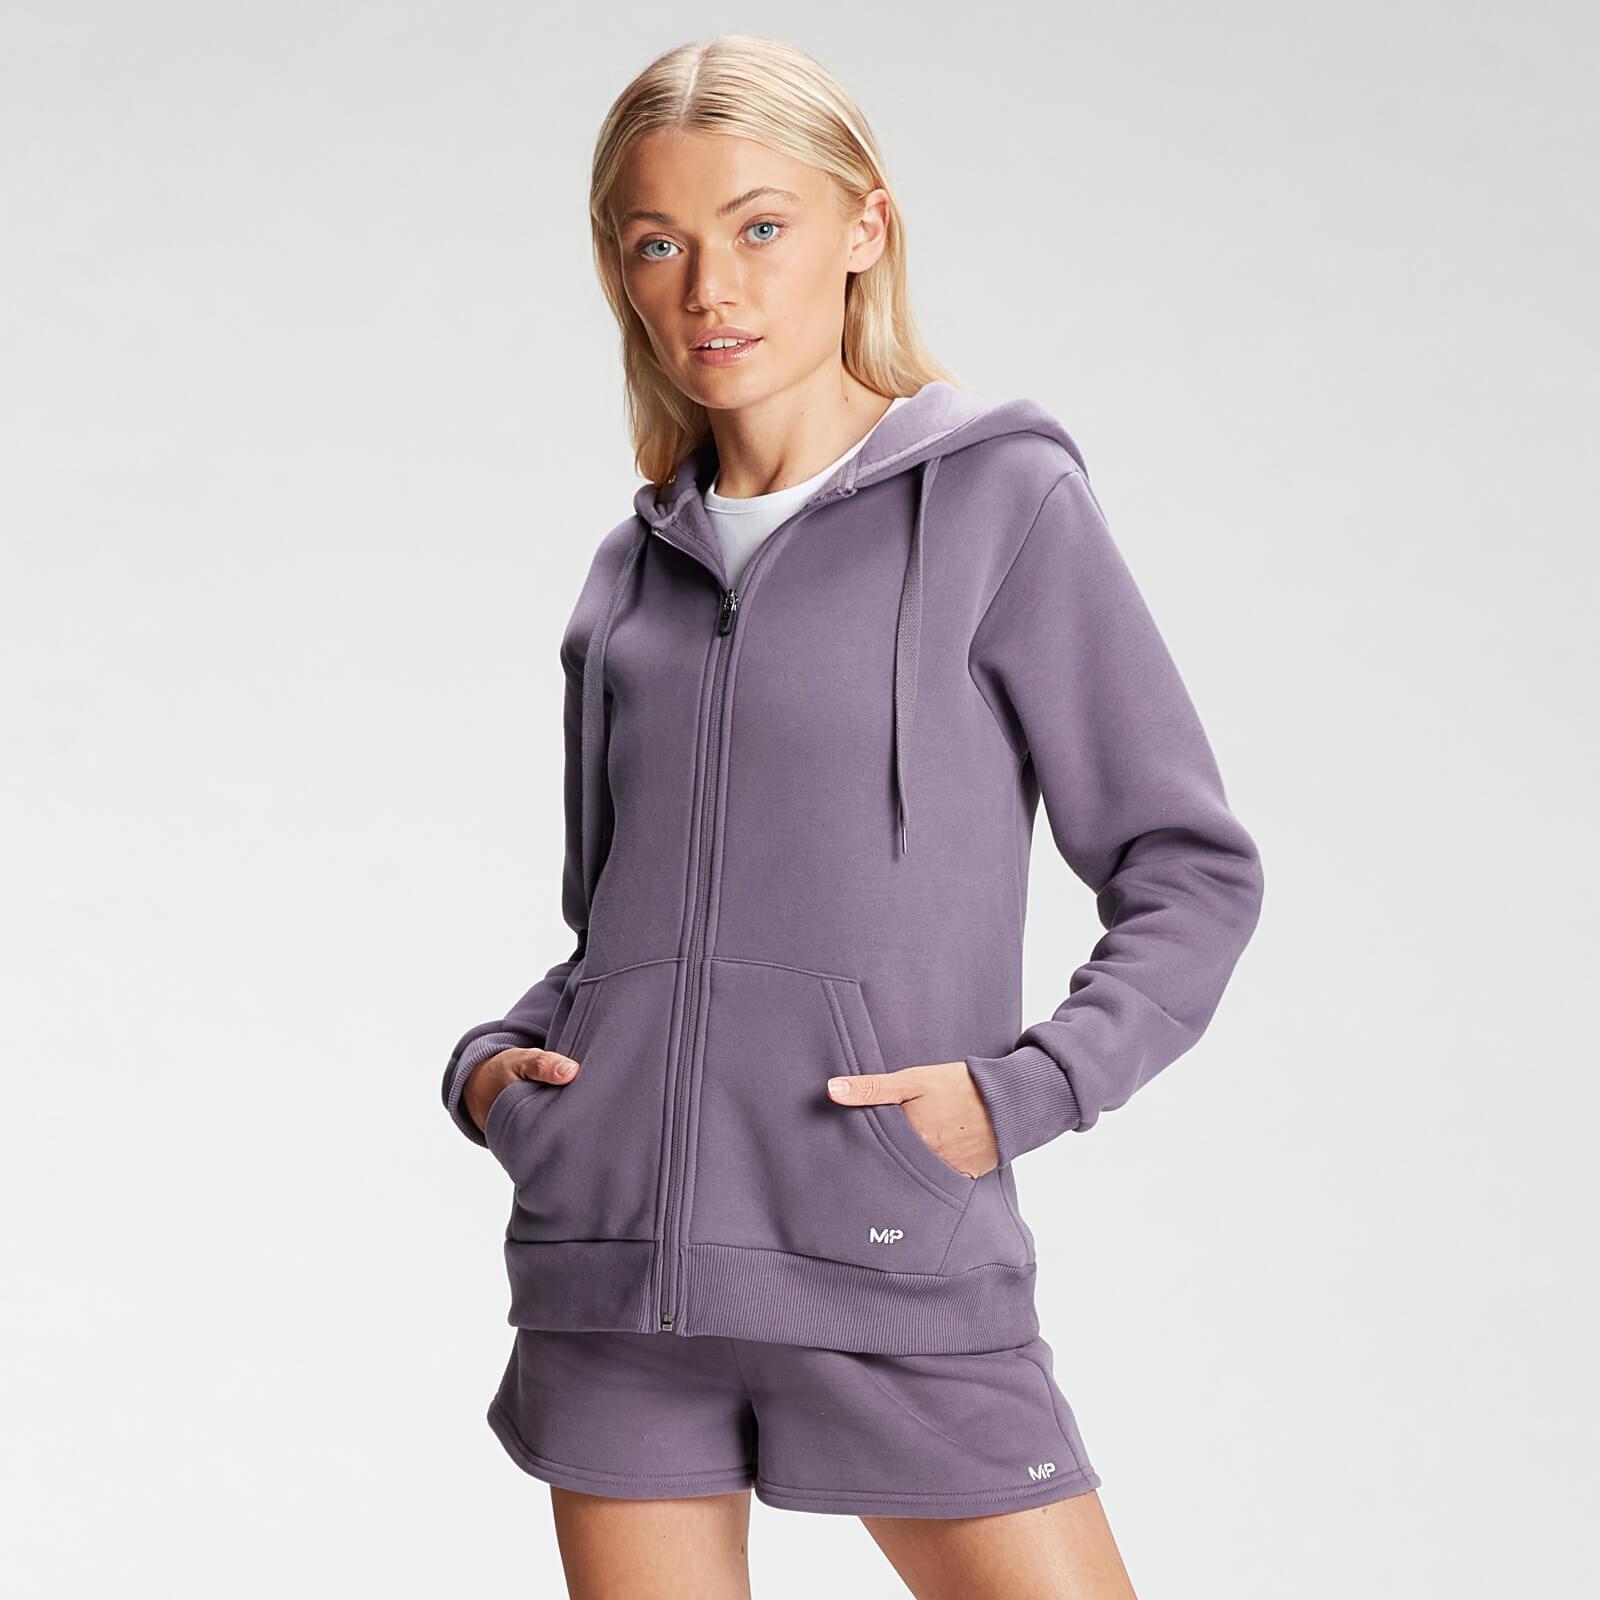 Купить MP Essentials Women's Zip Through Hoodie - Smokey Purple - XXL, Myprotein International